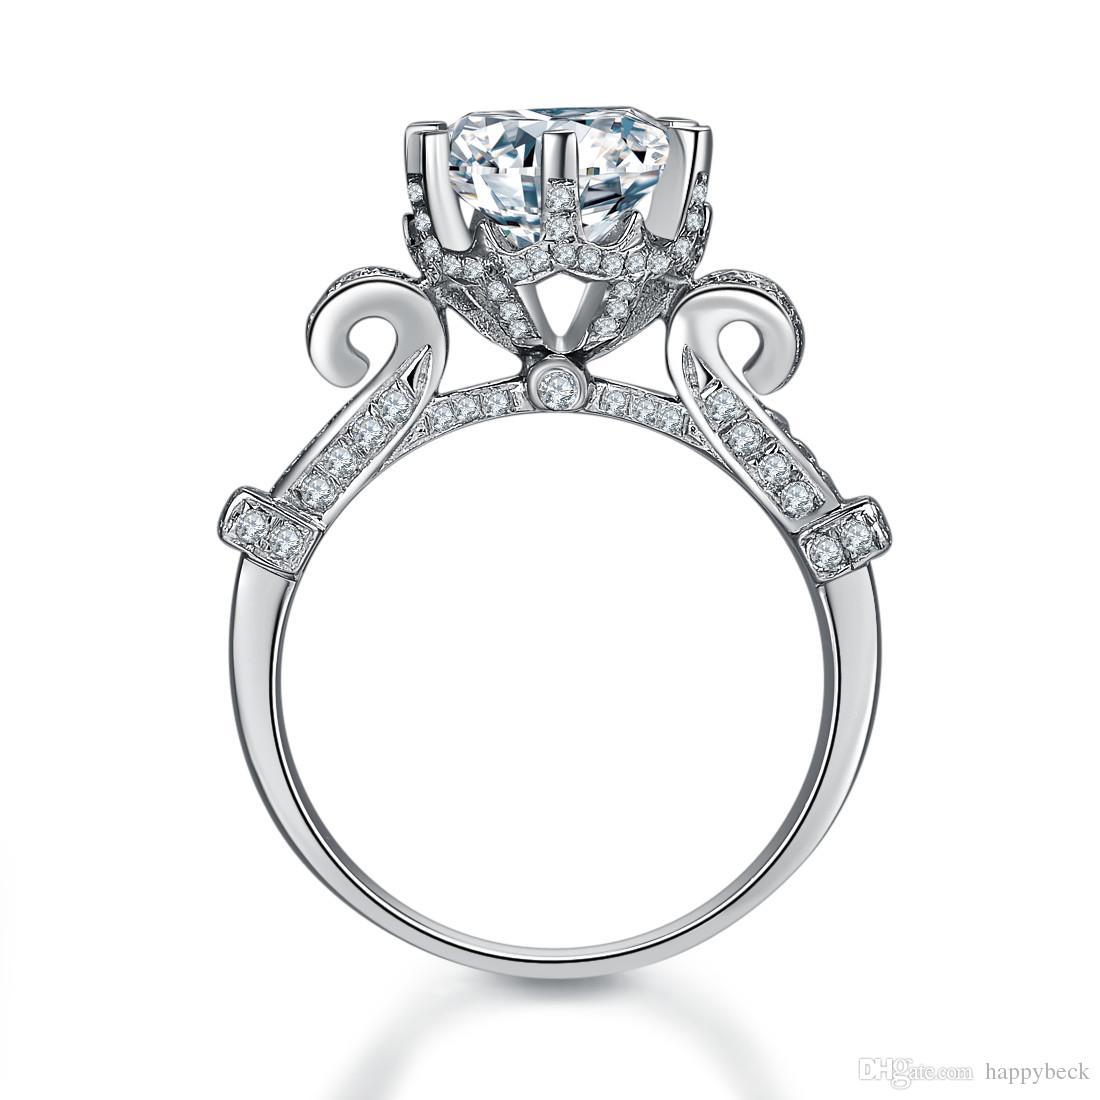 놀라운 품질 4CT 합성 다이아몬드 약혼 반지 단색 925 스털링 실버 Anniversary Day Gift